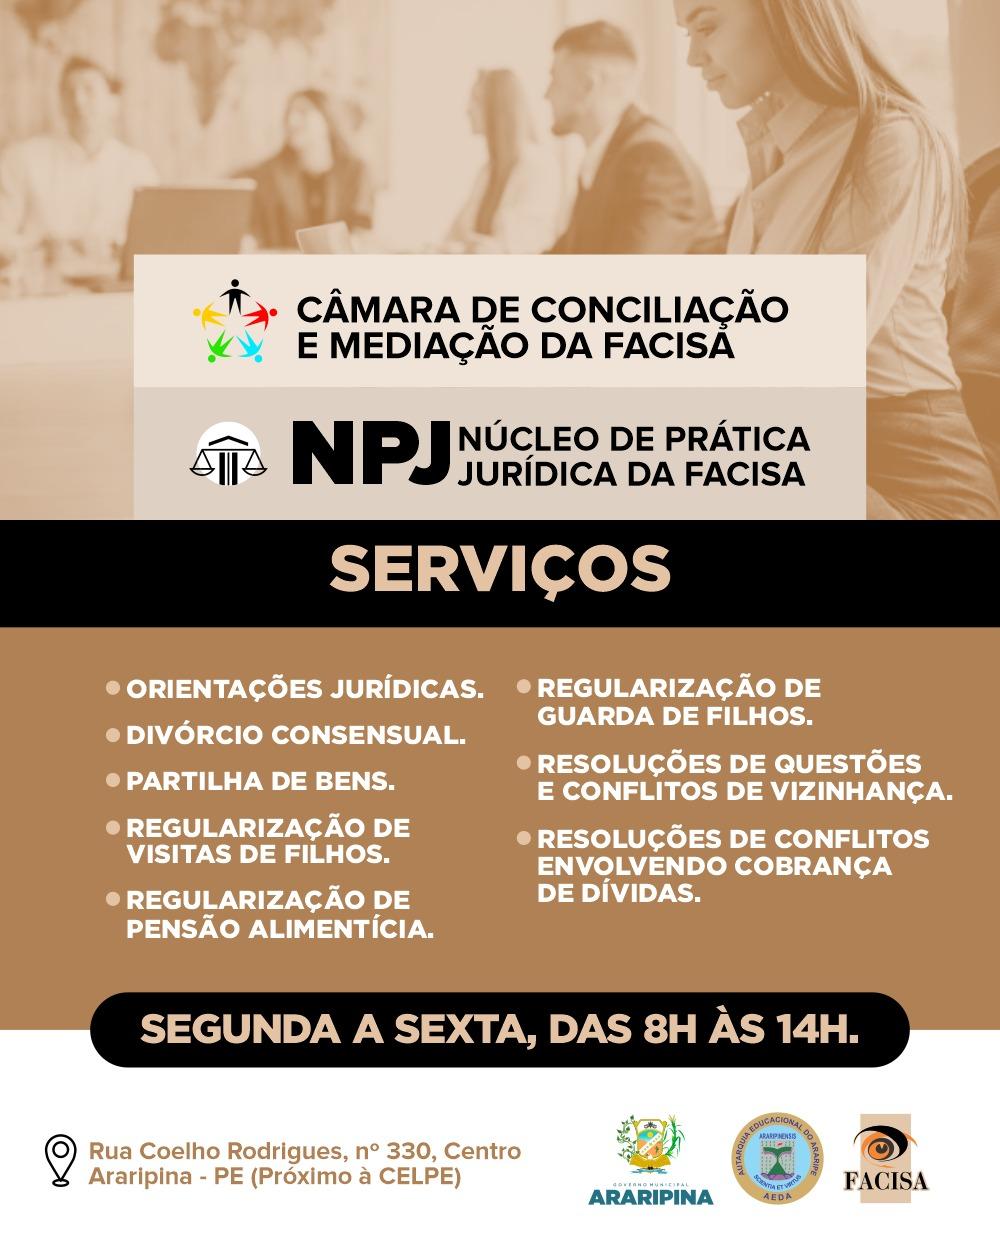 Conheça os serviços ofertados pela Câmara de Conciliação e Mediação e o Núcleo de Prática Jurídica da FACISA